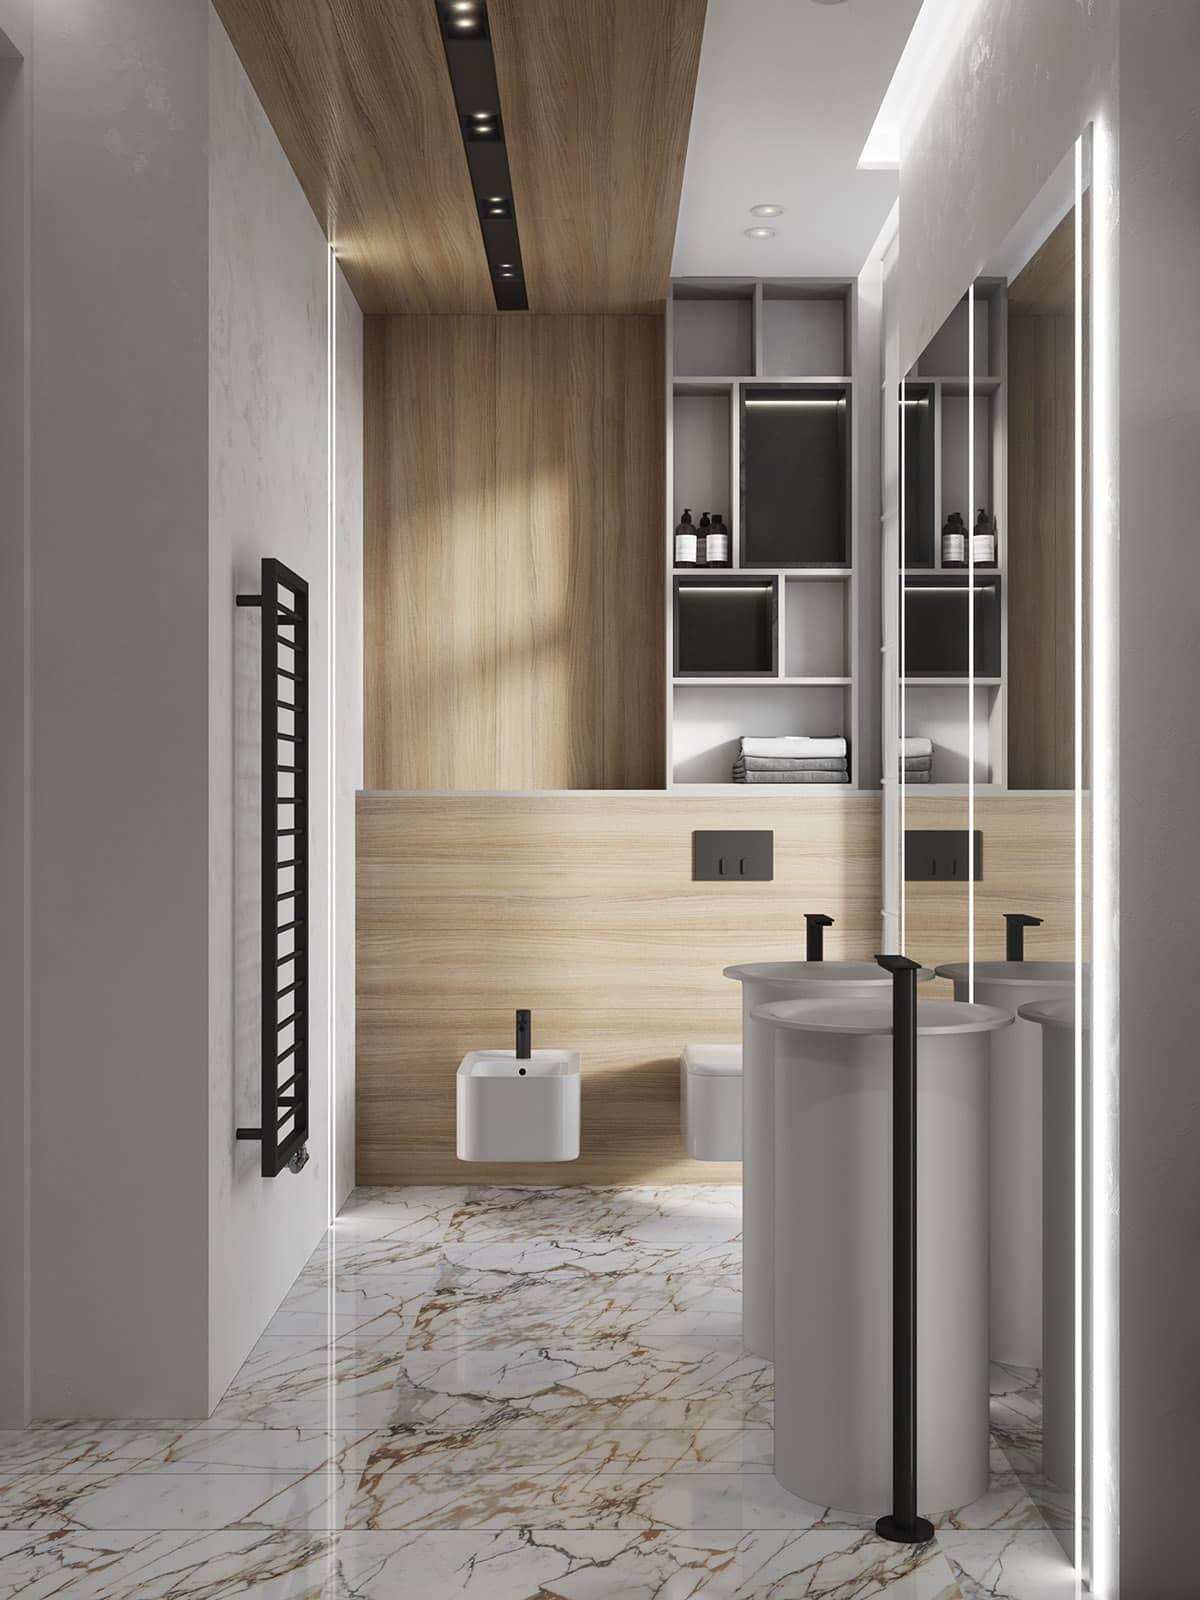 Совершенный дизайн ванной в стиле минимализм